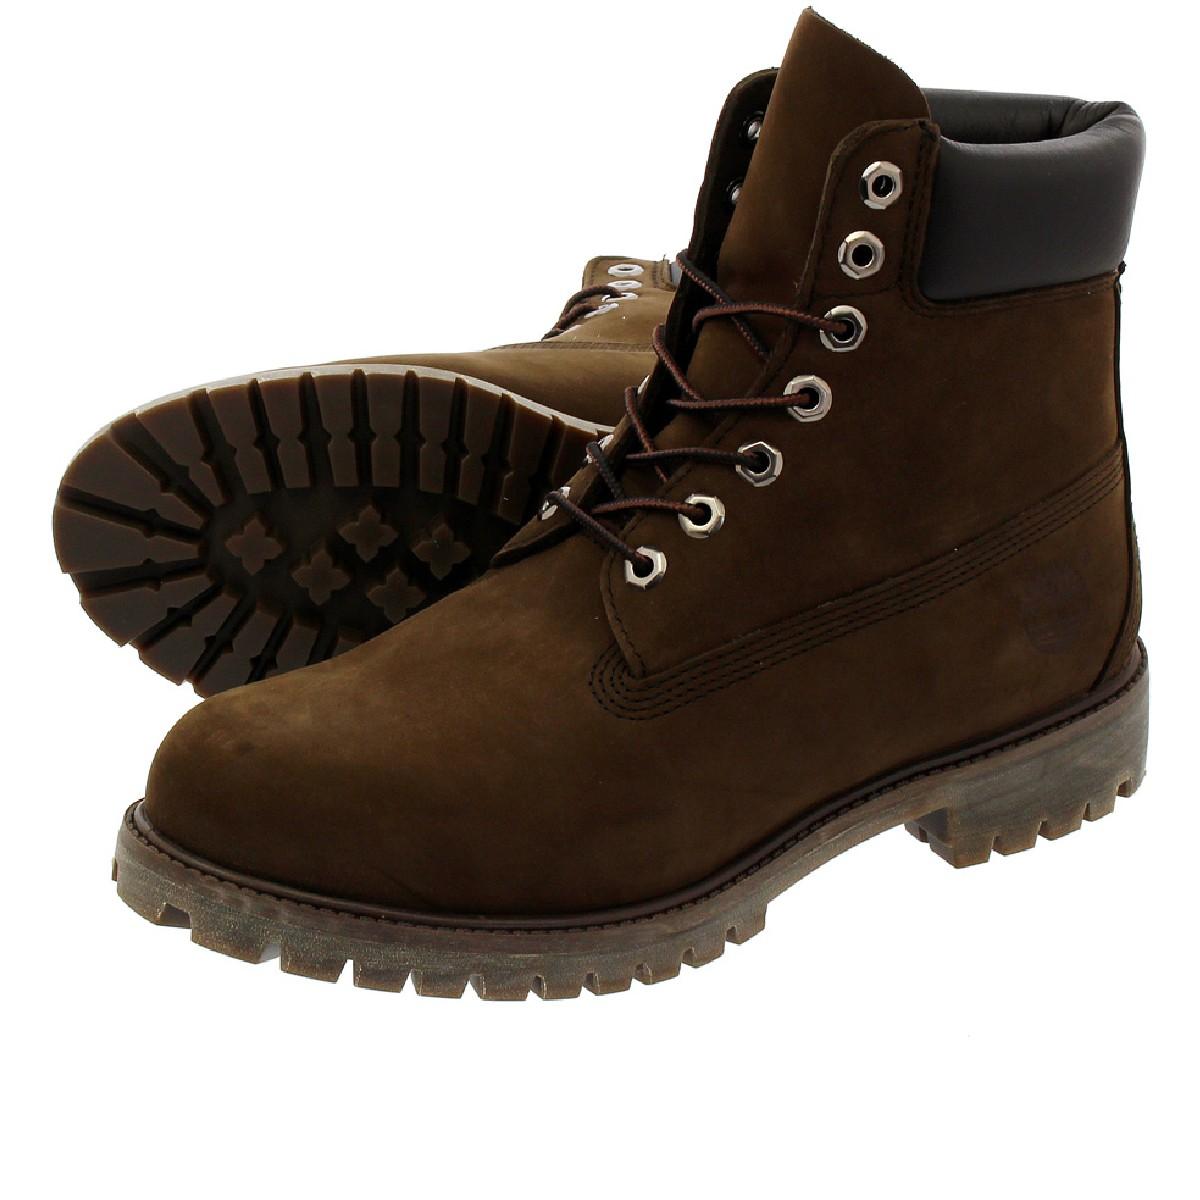 TIMBERLAND 6inch PREMIUM BOOTS Timberland 6 inch premium boot DARK CHOCOLATE b820897b4